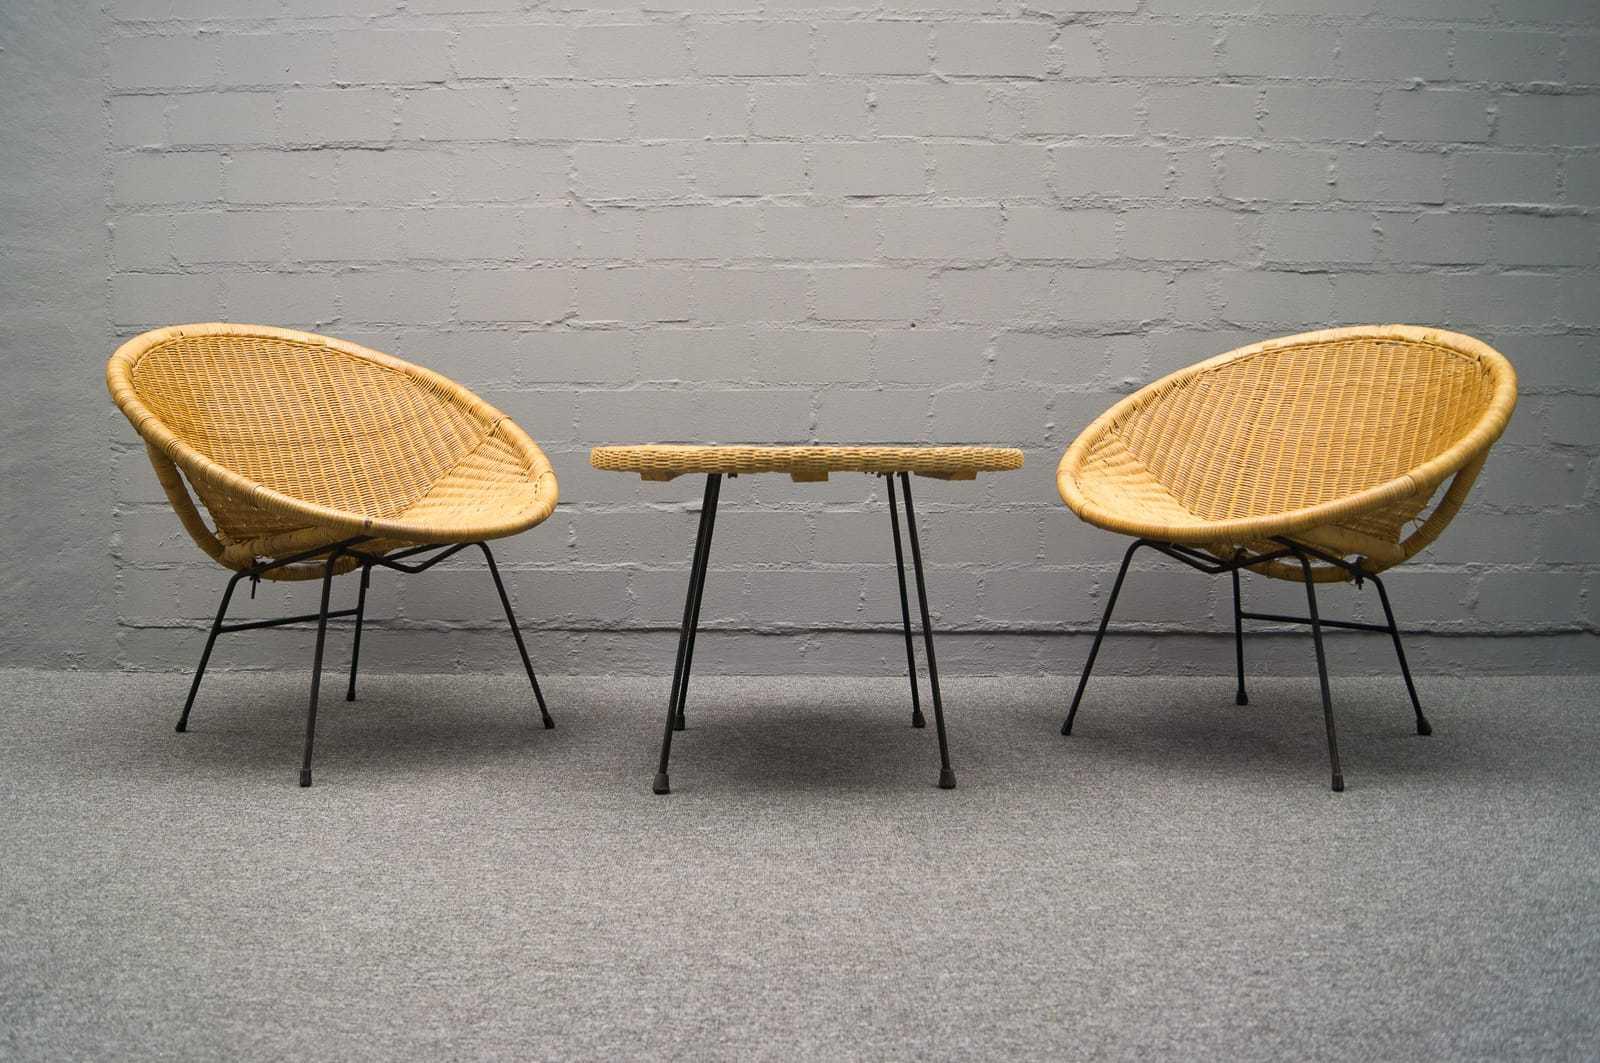 50er jahre sitzgarnitur 2x sessel mit beistelltisch couchtisch egon eiermann ra ebay. Black Bedroom Furniture Sets. Home Design Ideas